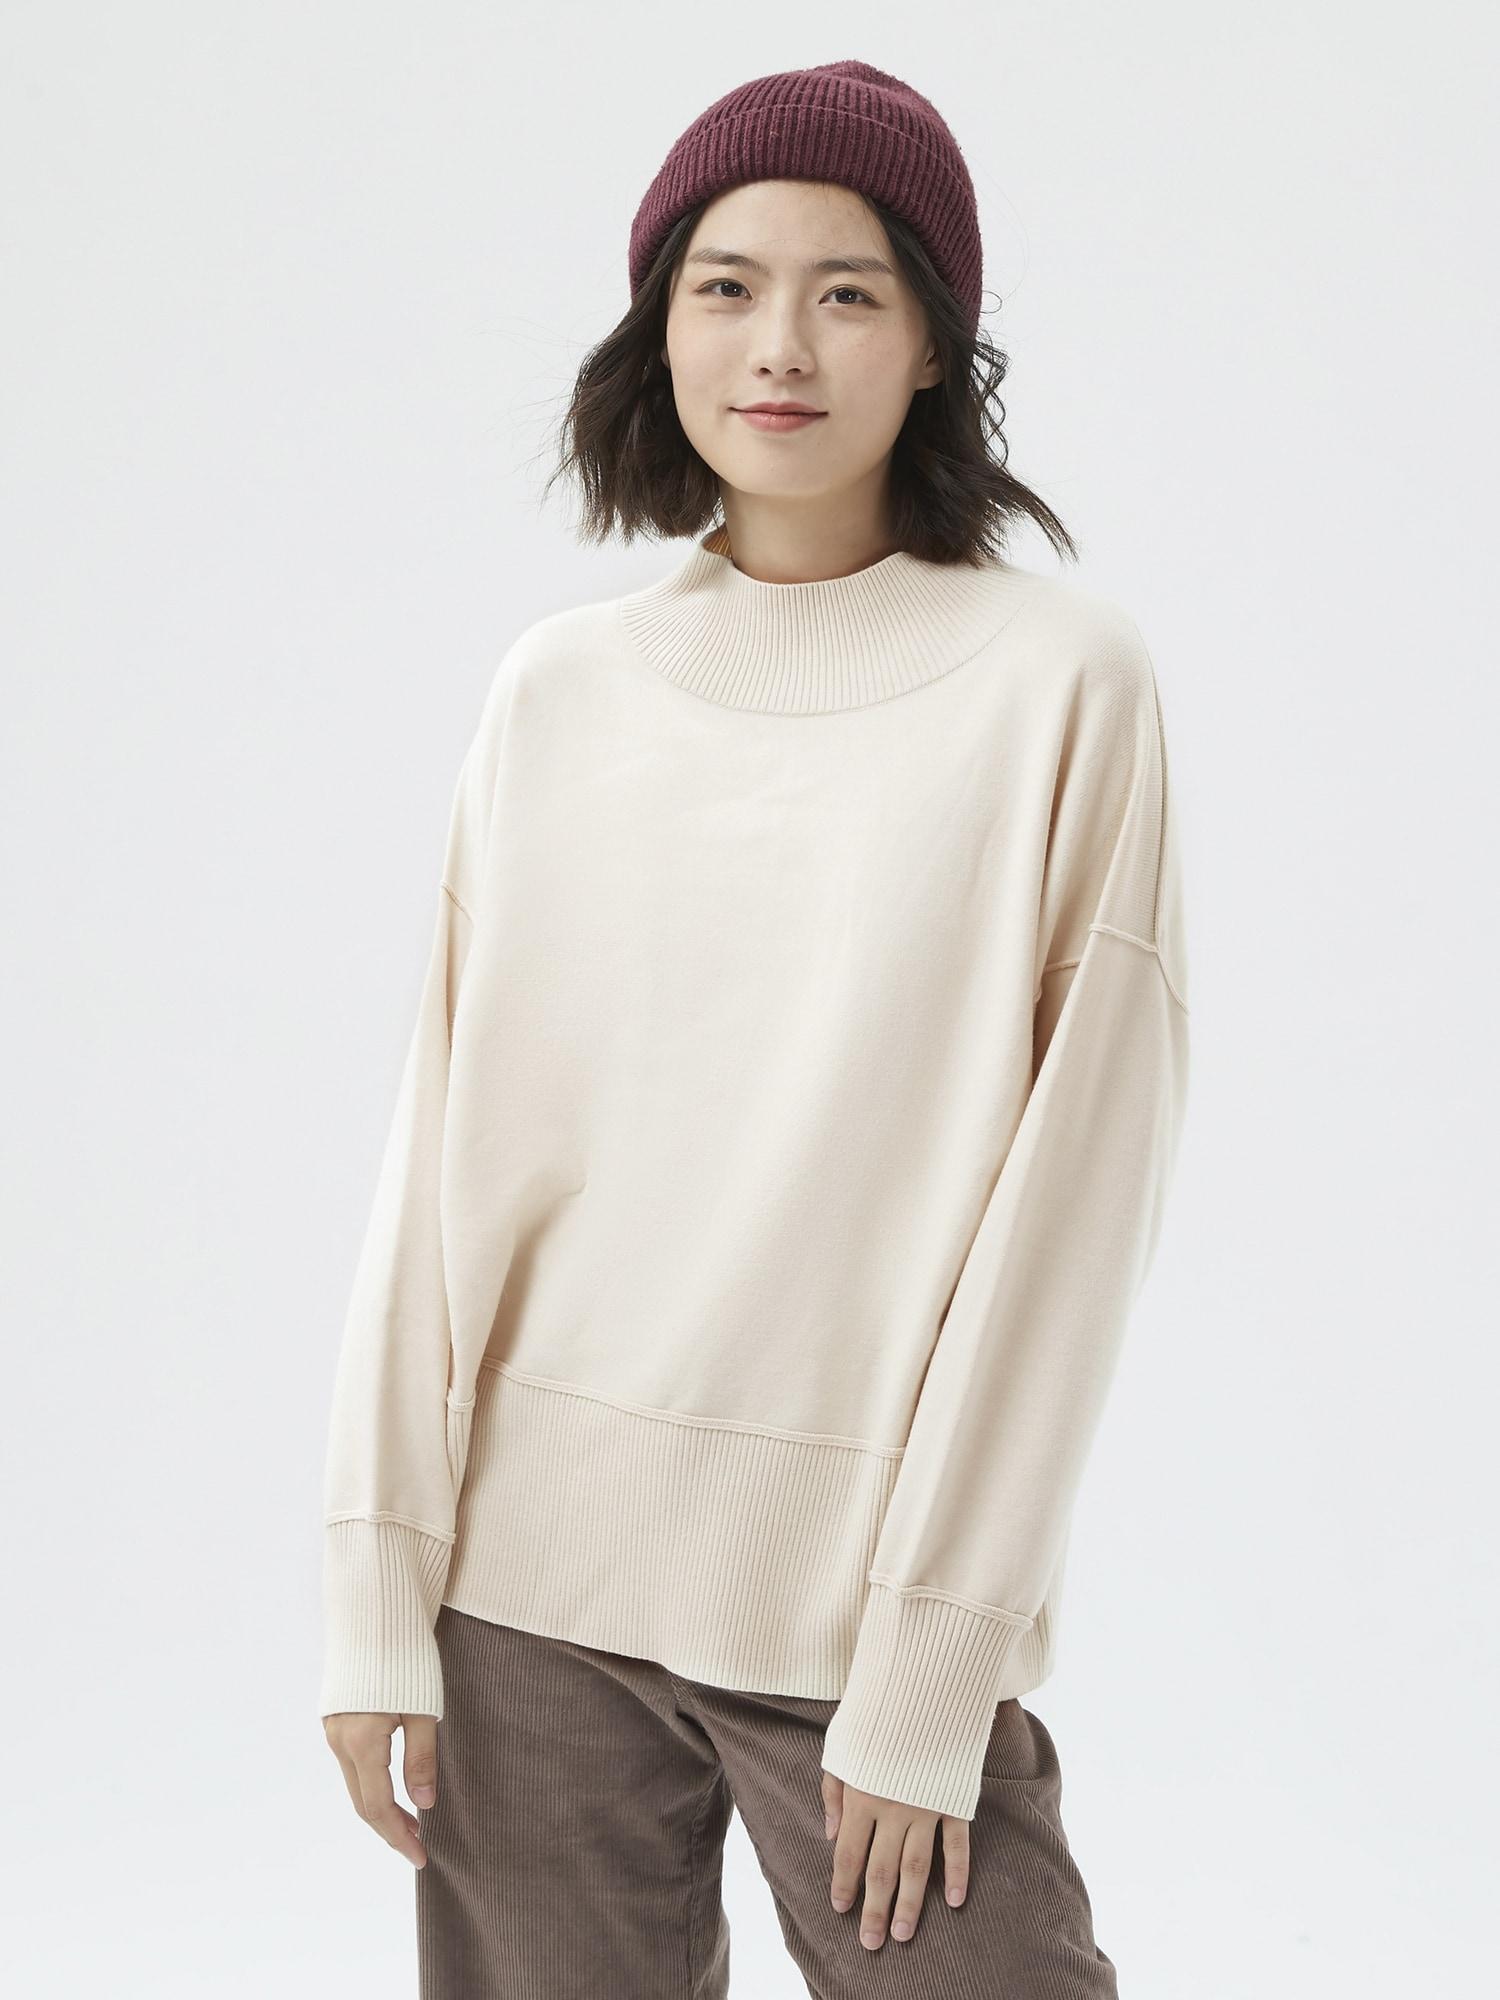 ハイネック オーバーサイズ セーター